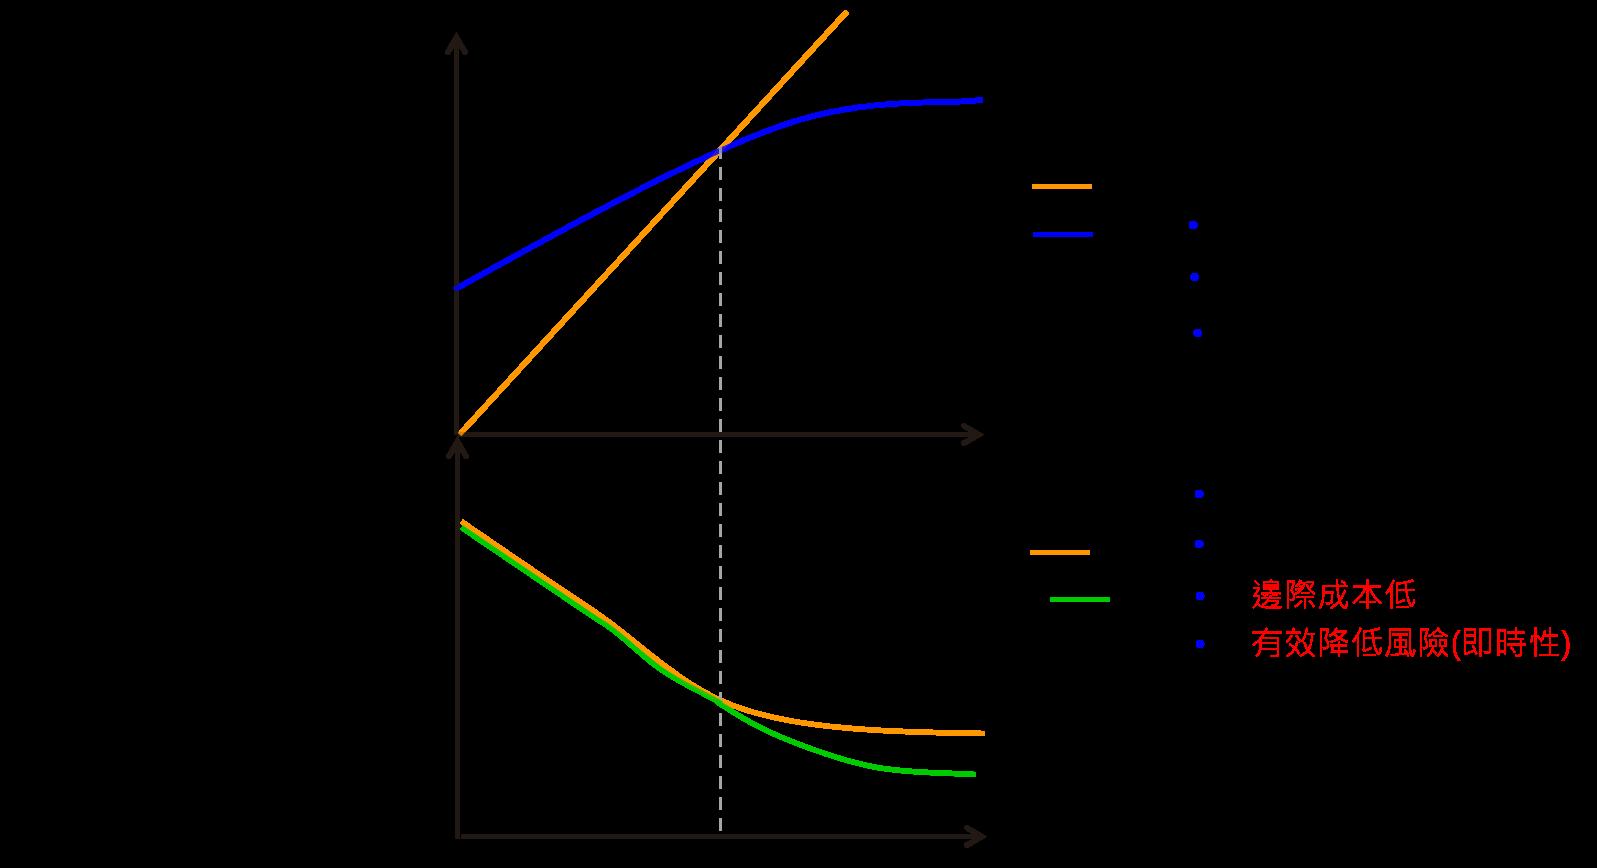 建置效益分析